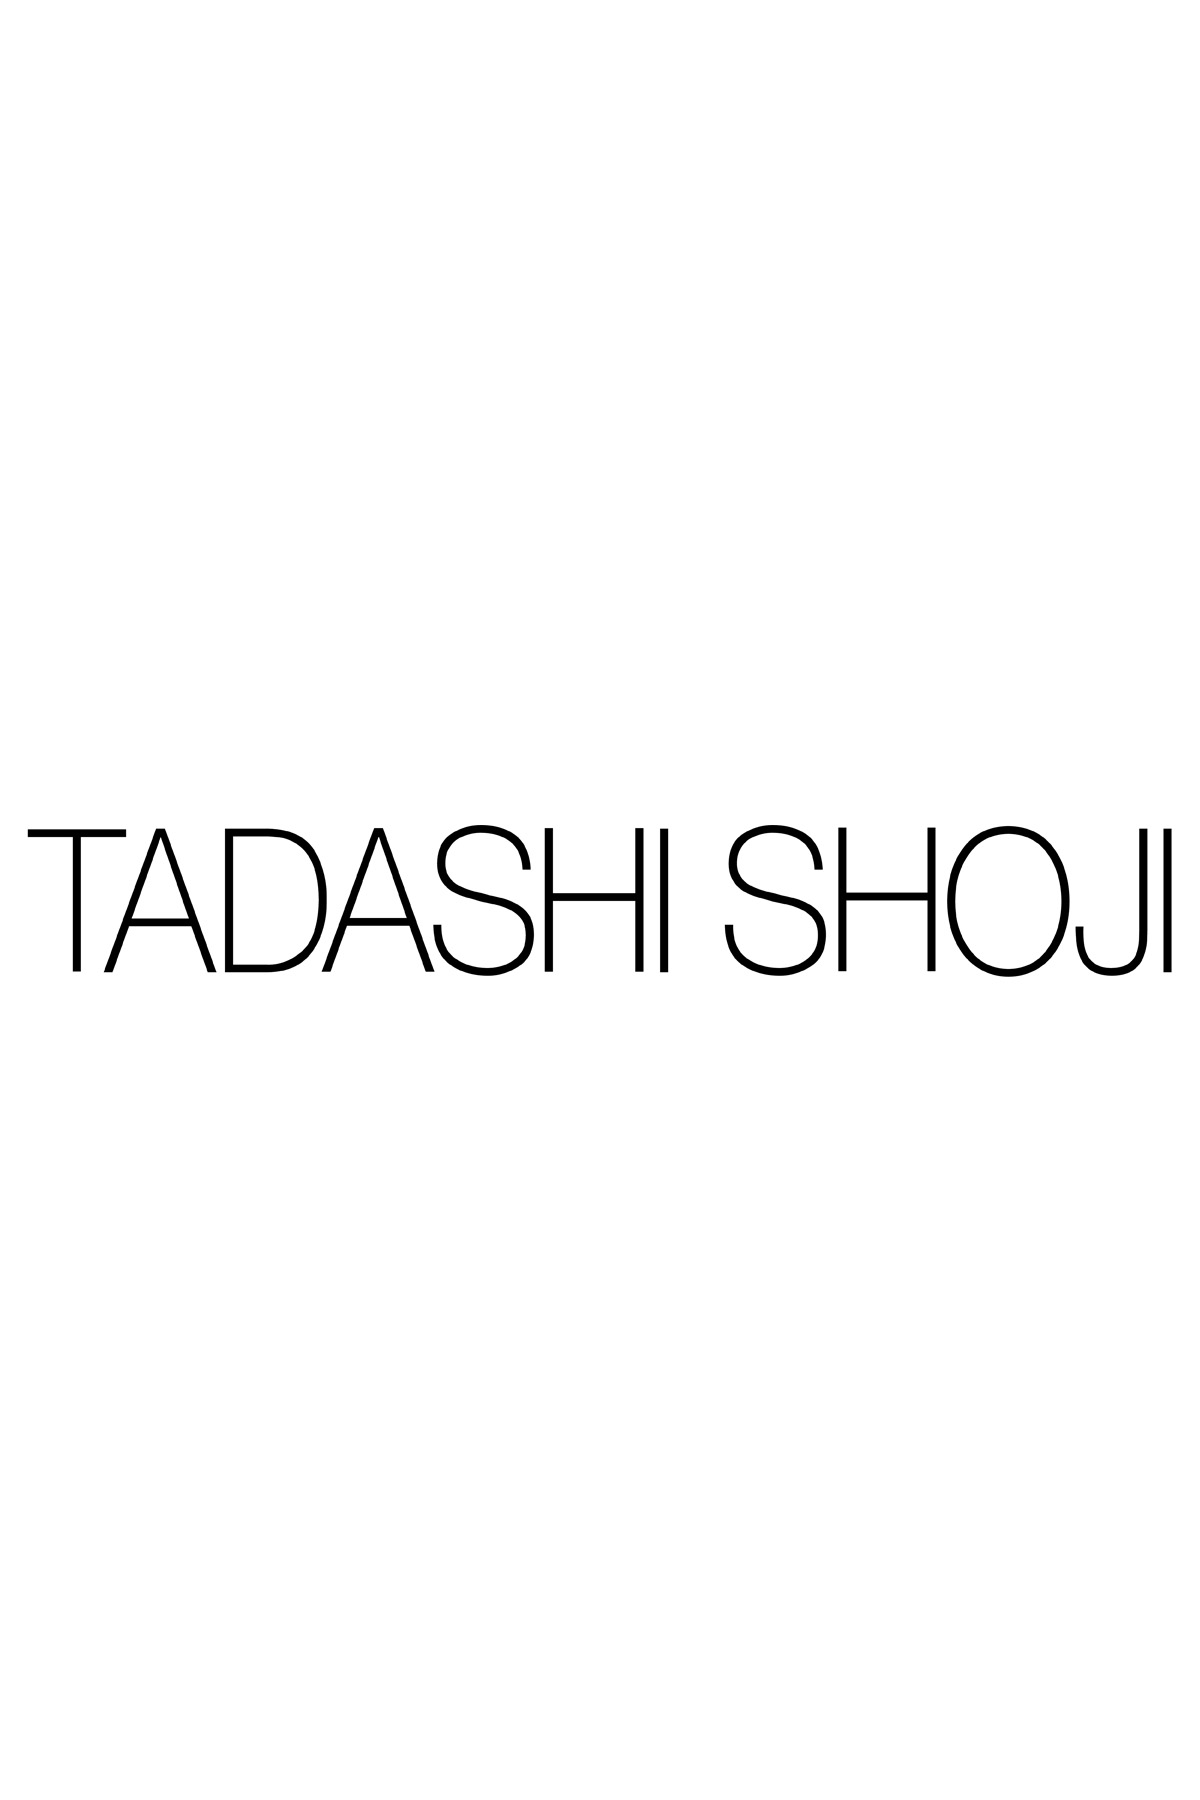 Tadashi Shoji - Abiko Dress - Detail